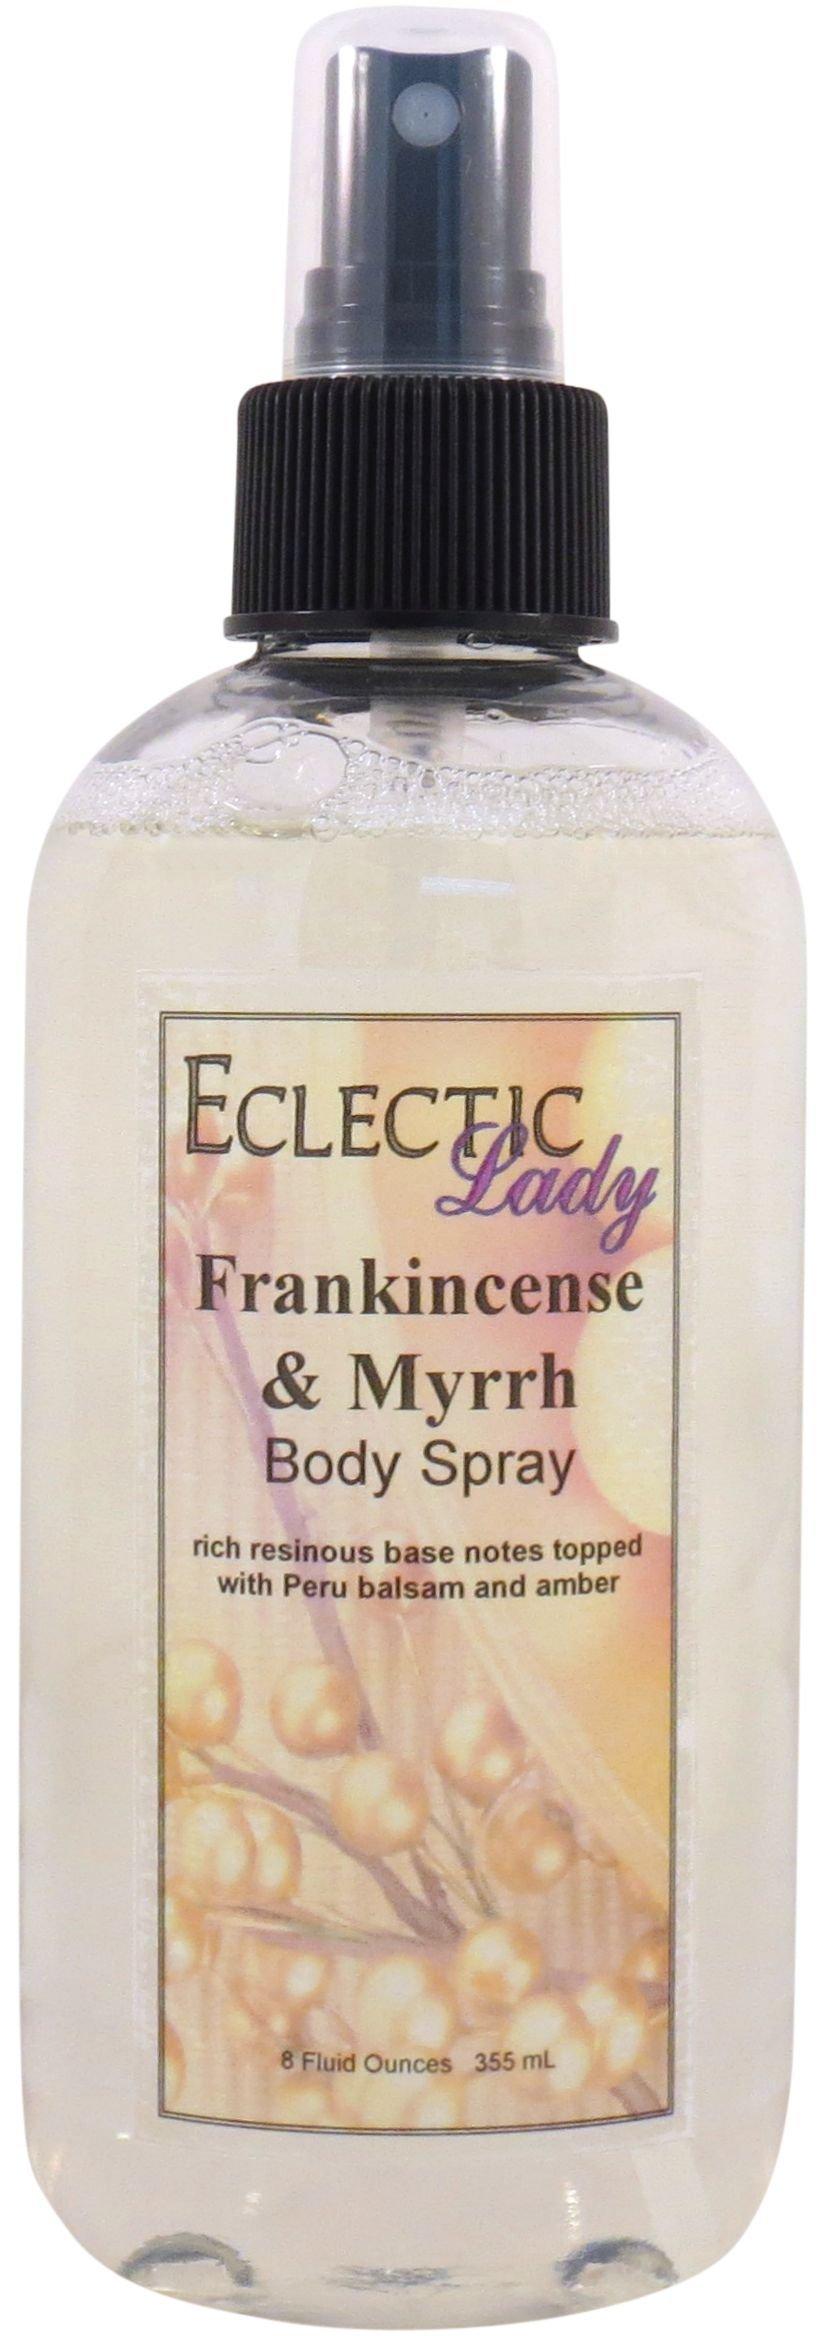 Frankincense And Myrrh Body Spray, 8 ounces